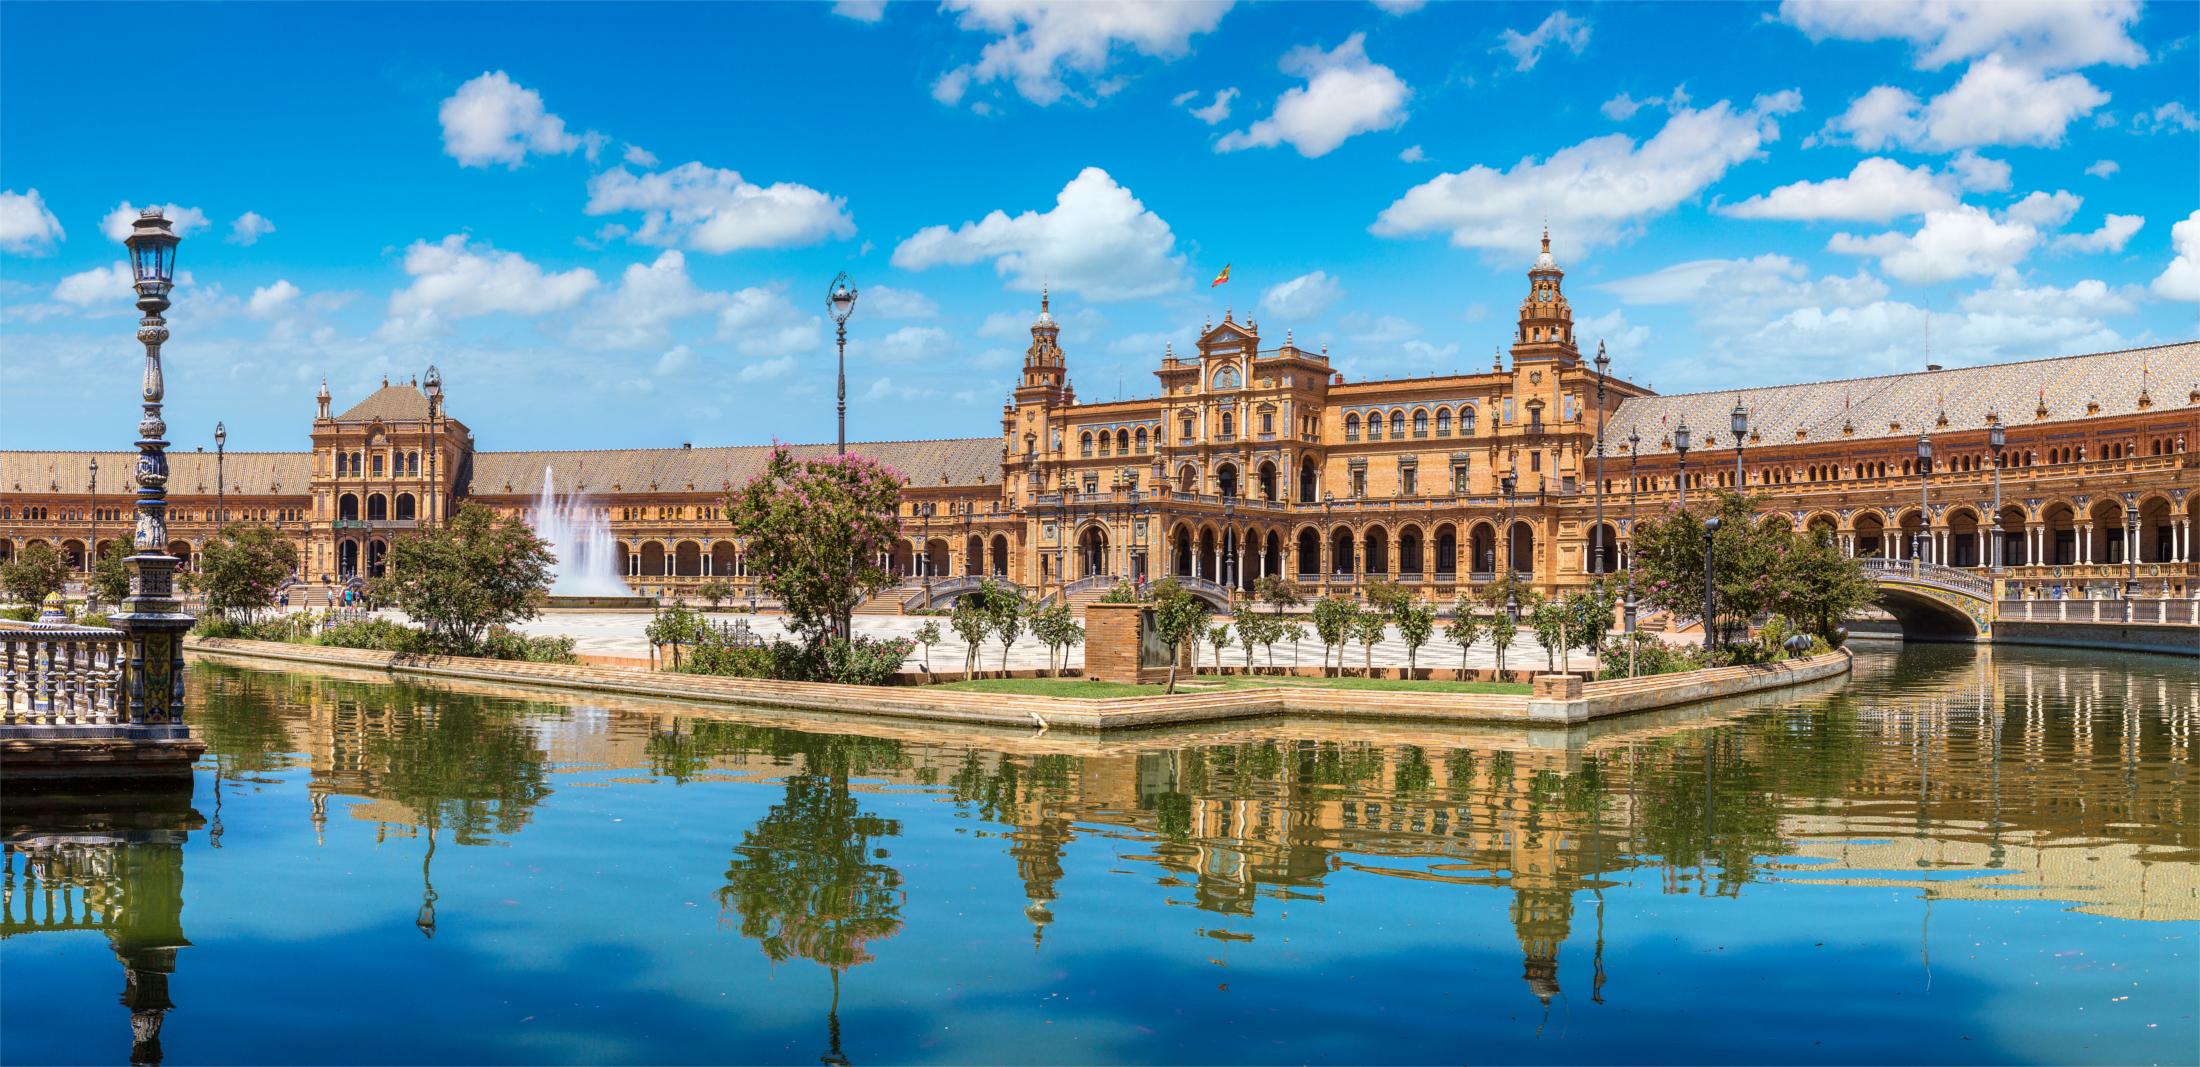 Andalusia route, Sevilla, Plaza de España